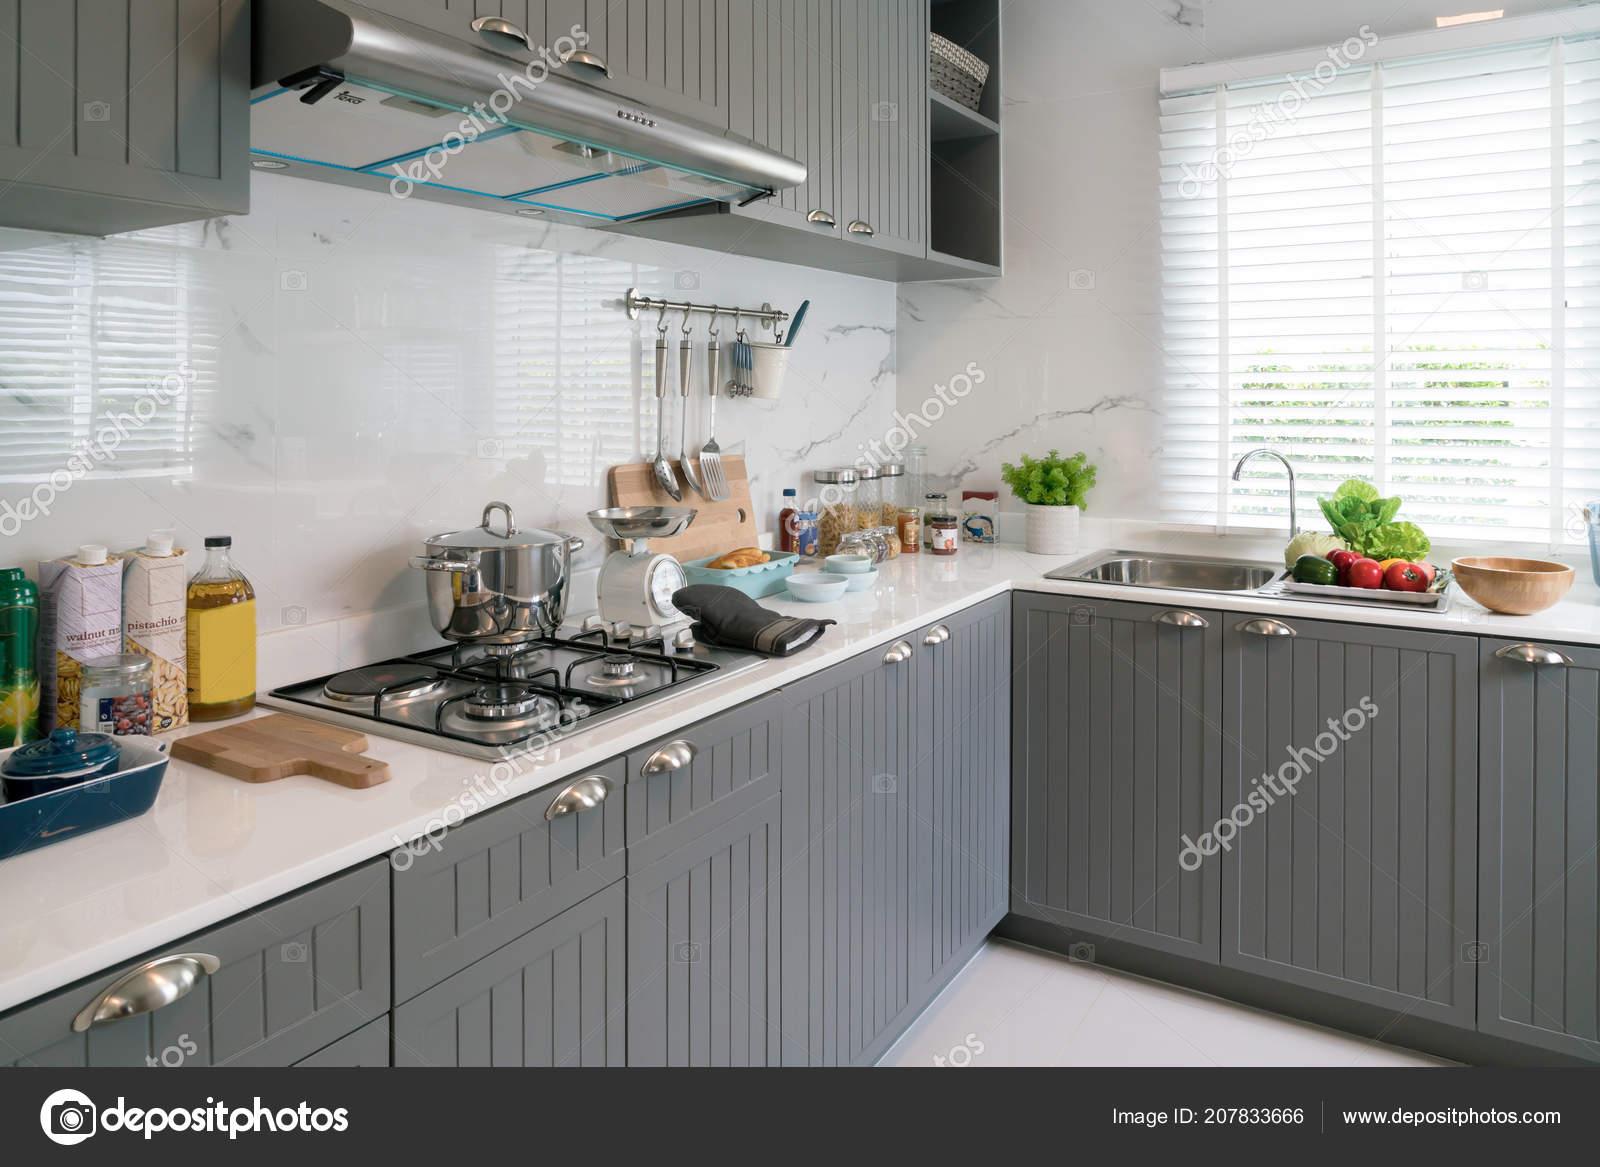 Hölzerne Küchenutensilien Koch Zubehör Kupfer Küche Mit Weißen ...